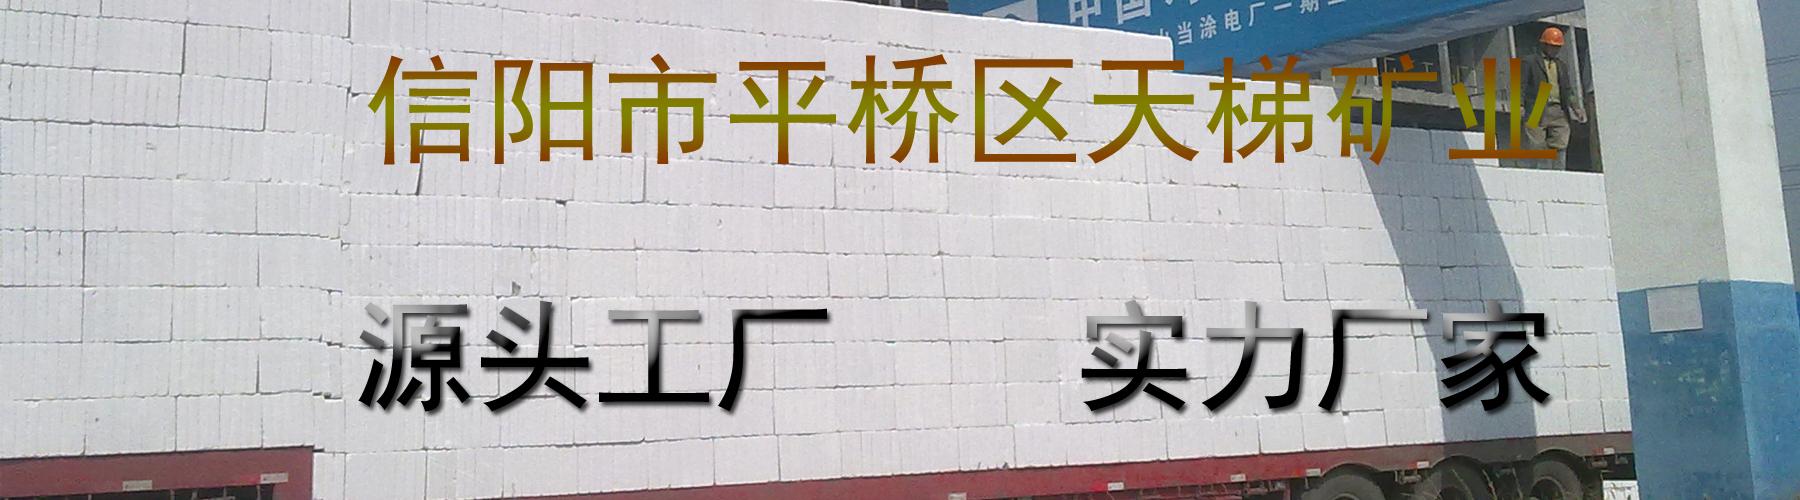 信阳市平桥区天梯矿业形象图